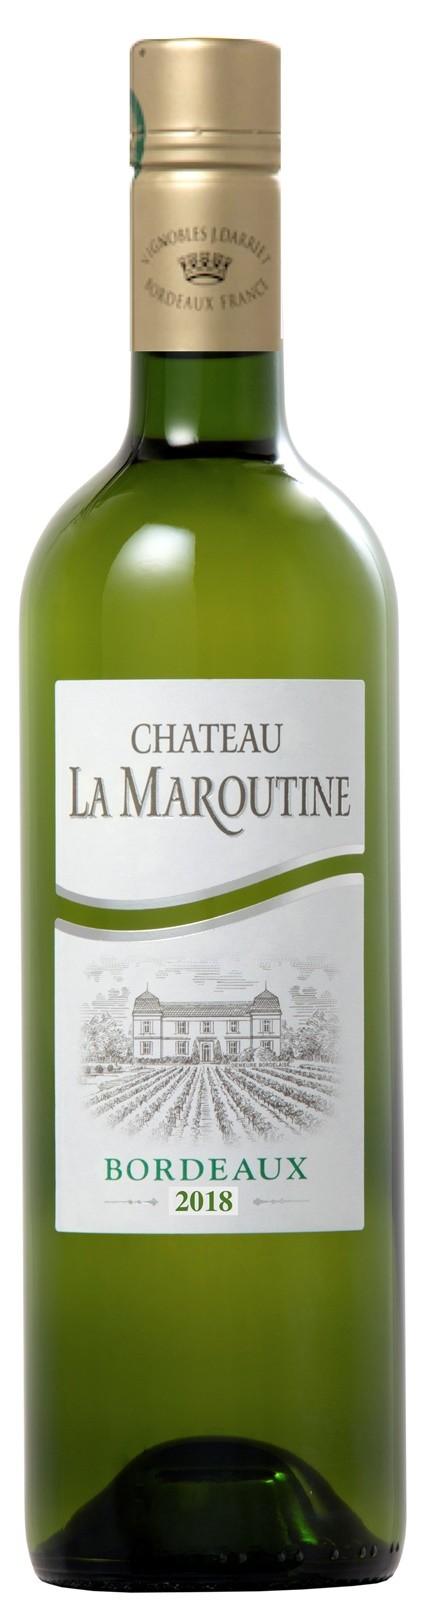 Chateau la Maroutine white 2019, 0,375 l, Bordeaux AOC - SCREWCAP